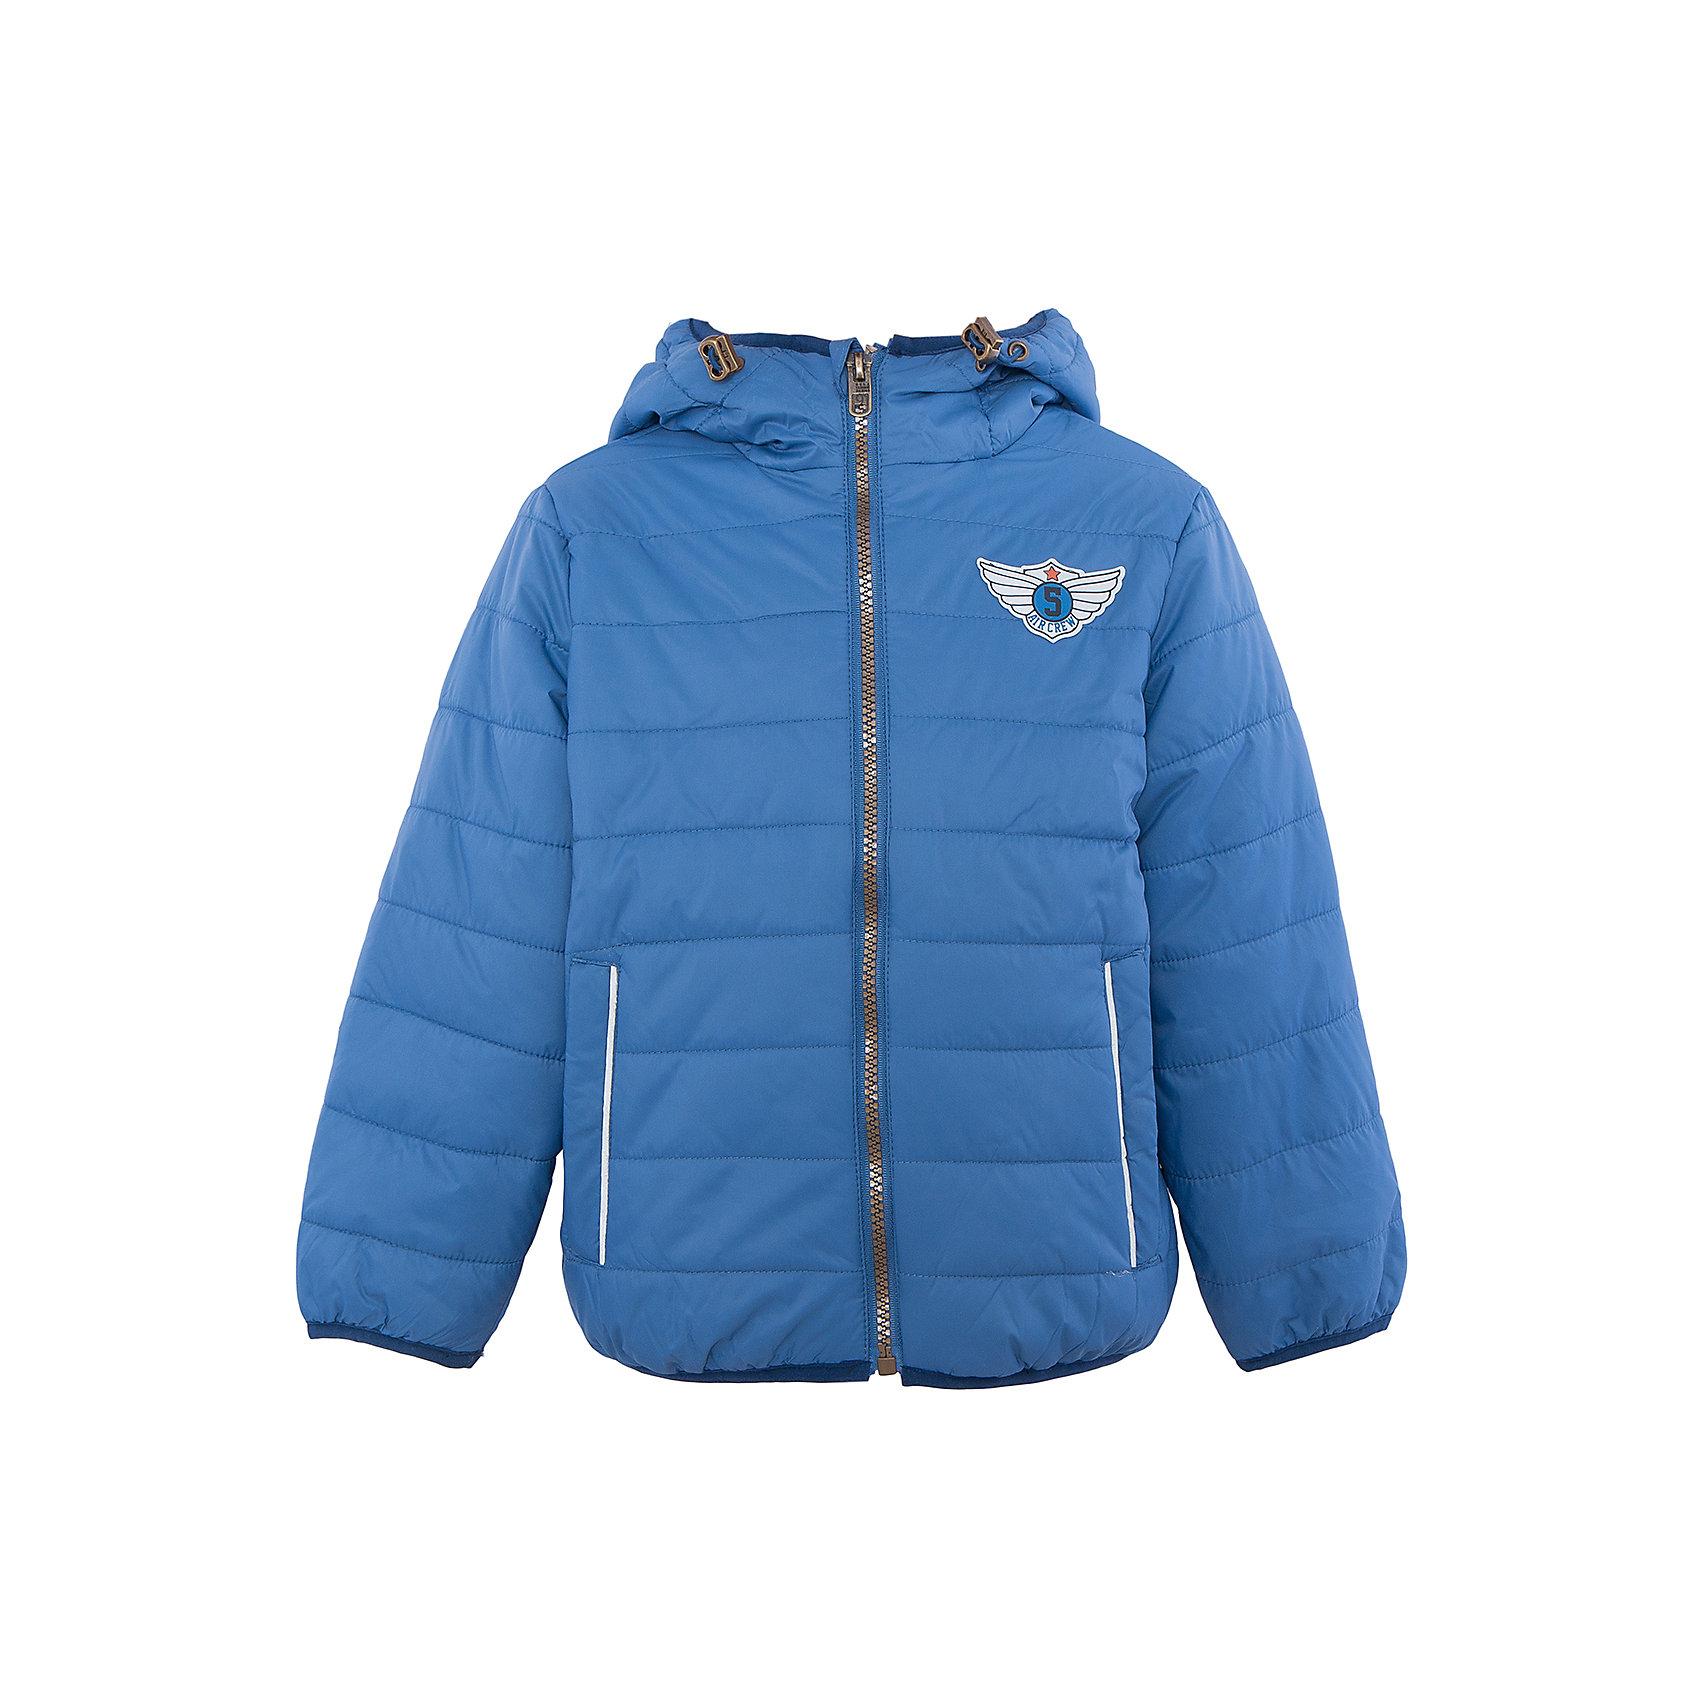 Куртка для мальчика SELAХарактеристики:<br><br>• Вид детской и подростковой одежды: куртка<br>• Пол: для мальчика<br>• Предназначение: повседневная<br>• Сезон: демисезон<br>• Температурный режим: до -5? С<br>• Тематика рисунка: без рисунка<br>• Цвет: синий<br>• Материал: нейлон 100%, подклад – хлопок, 50%, утеплитель – полиэстер, 100%<br>• Силуэт: прямой<br>• Длина куртки: до середины бедра<br>• Капюшон: притачной, с карабинами<br>• Застежка: молния, спереди<br>• Спереди имеются карманы на молнии<br>• Особенности ухода: допускается щадящая стирка и химчистка<br><br>Куртка для мальчика SELA из коллекции детской и подростковой одежды от знаменитого торгового бренда, который производит удобную, комфортную и стильную одежду, предназначенную как для будней, так и для праздников. Куртка выполнена из нейлона, который обладает влагонепроницаемыми и ветрозащитными свойствами. Трикотажный подклад обеспечивает поддержание комфортной температуры. Длина куртки – средняя, что защищает спину от продувания. Спереди имеется застежка на молнии и два кармана. Притачной капюшон с регулируемой шириной и трикотажная окантовка изделия создают стильный дизайн. Стеганая курточка выполнена в цвете светлый деним. <br><br>Куртку для мальчика SELA можно купить в нашем интернет-магазине.<br><br>Ширина мм: 356<br>Глубина мм: 10<br>Высота мм: 245<br>Вес г: 519<br>Цвет: голубой<br>Возраст от месяцев: 24<br>Возраст до месяцев: 36<br>Пол: Мужской<br>Возраст: Детский<br>Размер: 98,104,110,116<br>SKU: 5305123